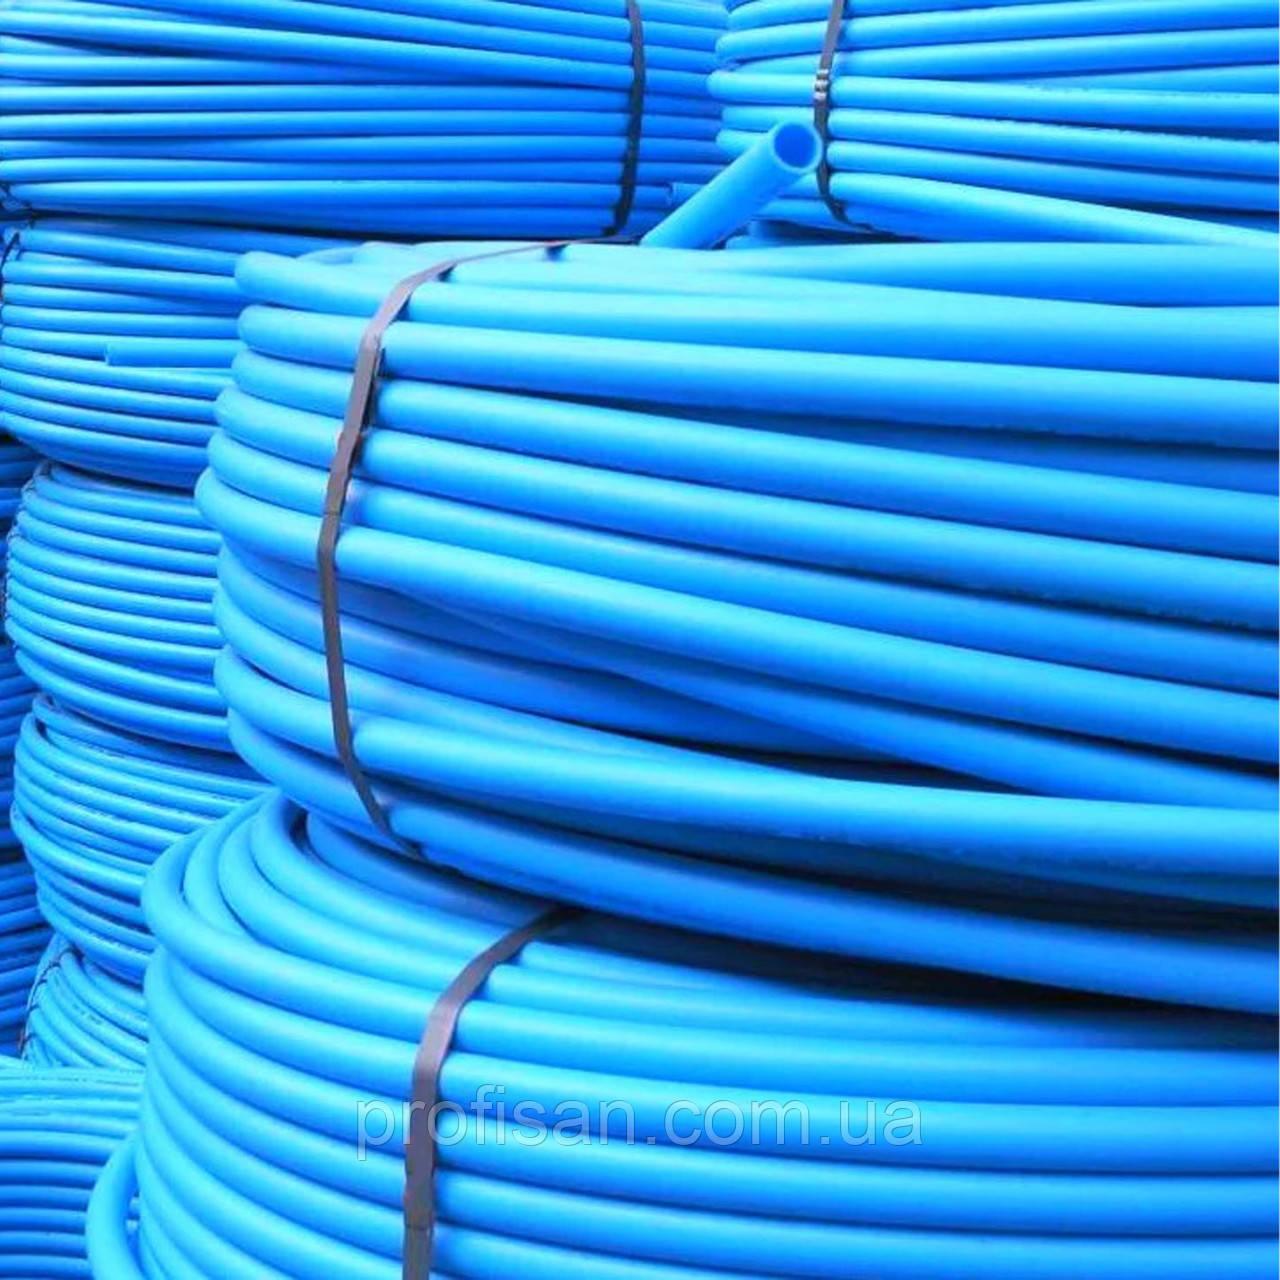 Труба ПЕ для водопостачання (блакитна) ф 20x2.0мм, 200мп, 8 атм (Польща)